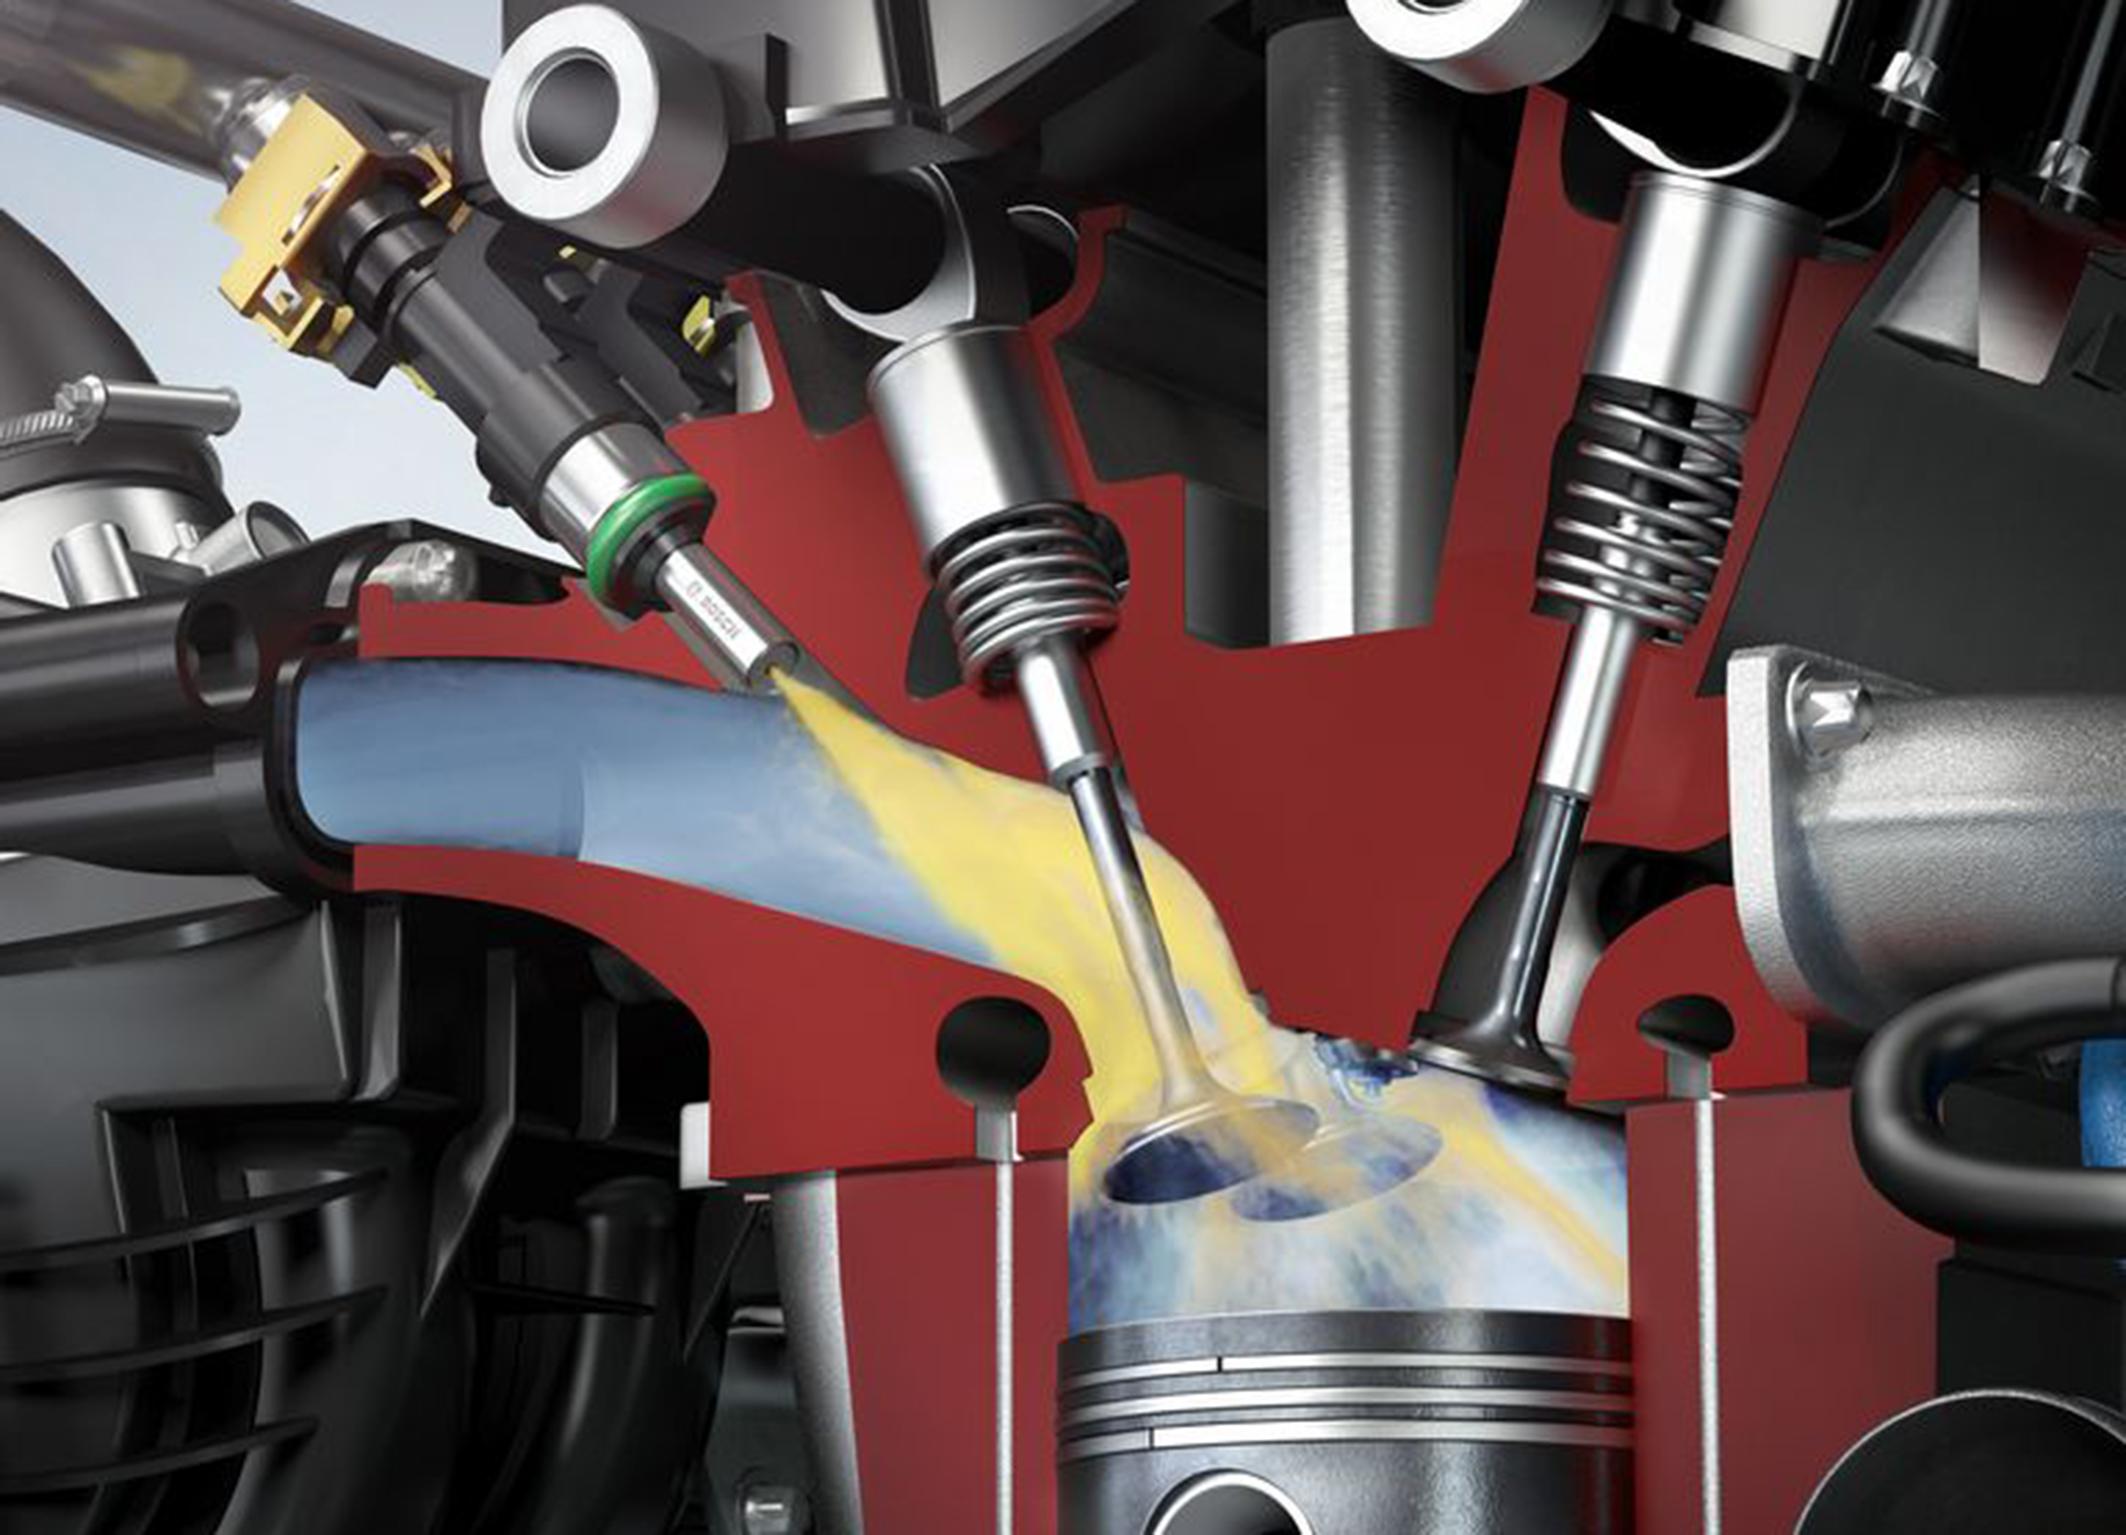 Bosch compact ガソリン燃料噴射システム 直噴システム市場の成長